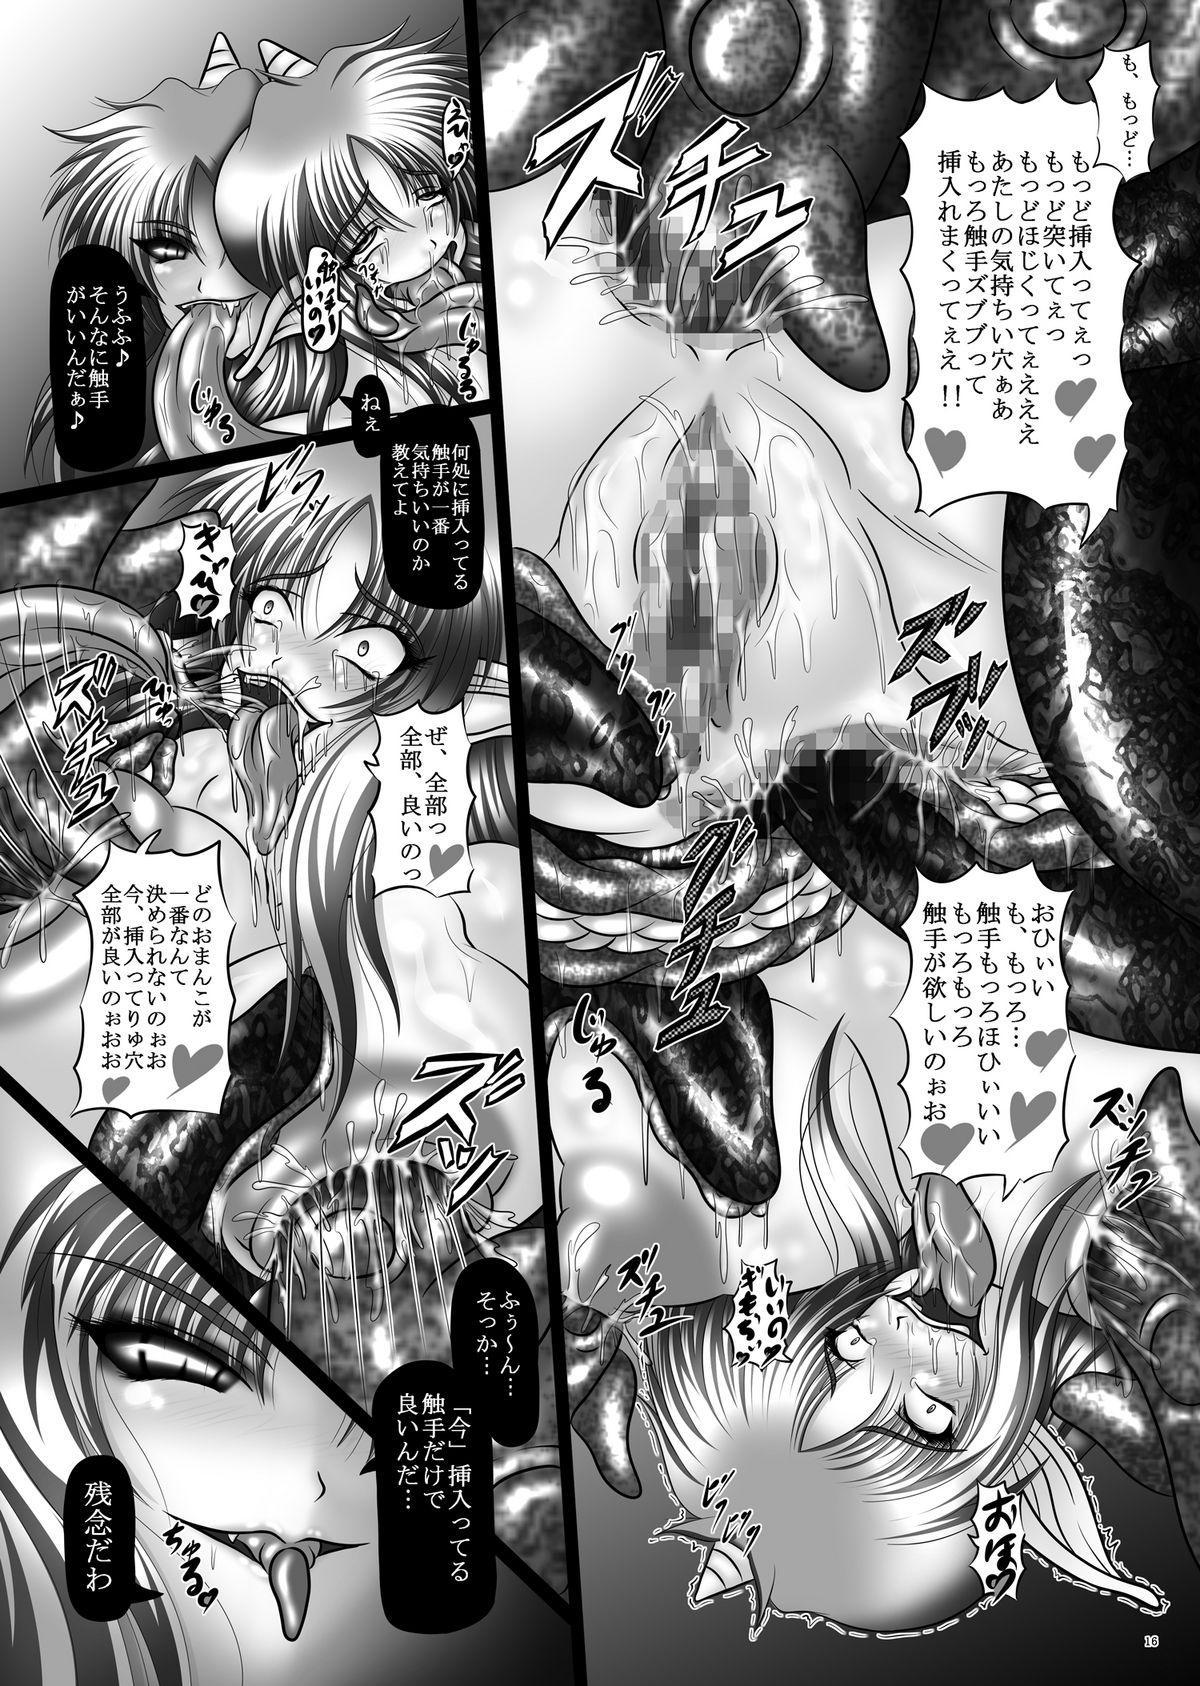 Dashoku Densetsu - Nihiki no Yashahime | The Two Yaksha Princesses 15